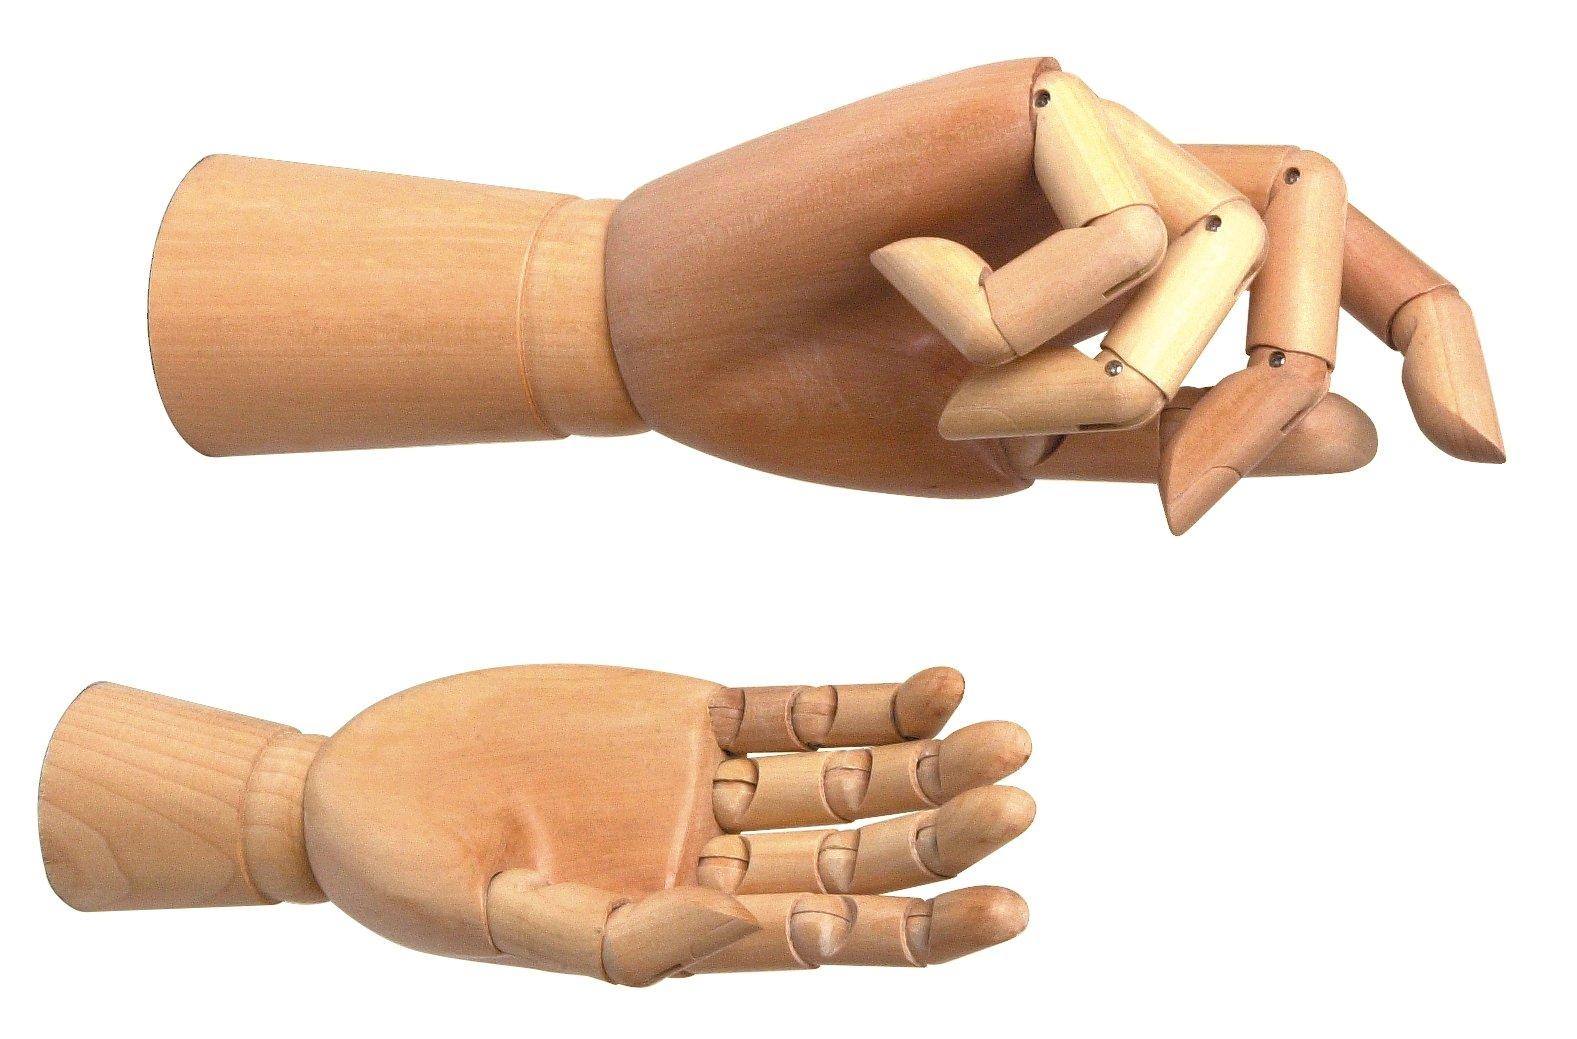 Maniqui de dibujo elegant maniqu masculino para diseo - Aprender a pintar en madera ...